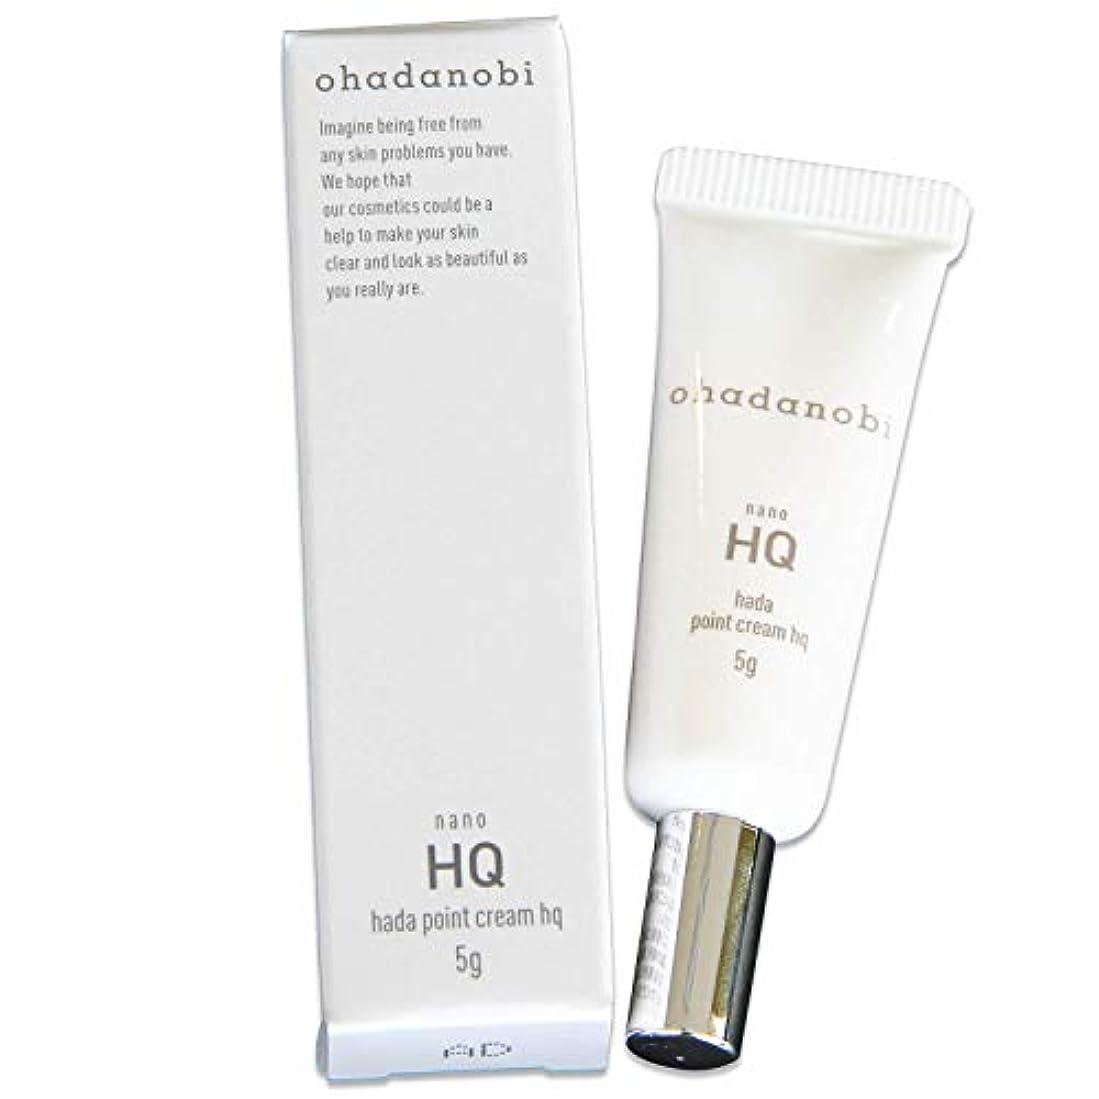 重くするコンテスト起点純 ハイドロキノン 4% 配合 日本製 ハダポイントクリームHQ オハダノビ